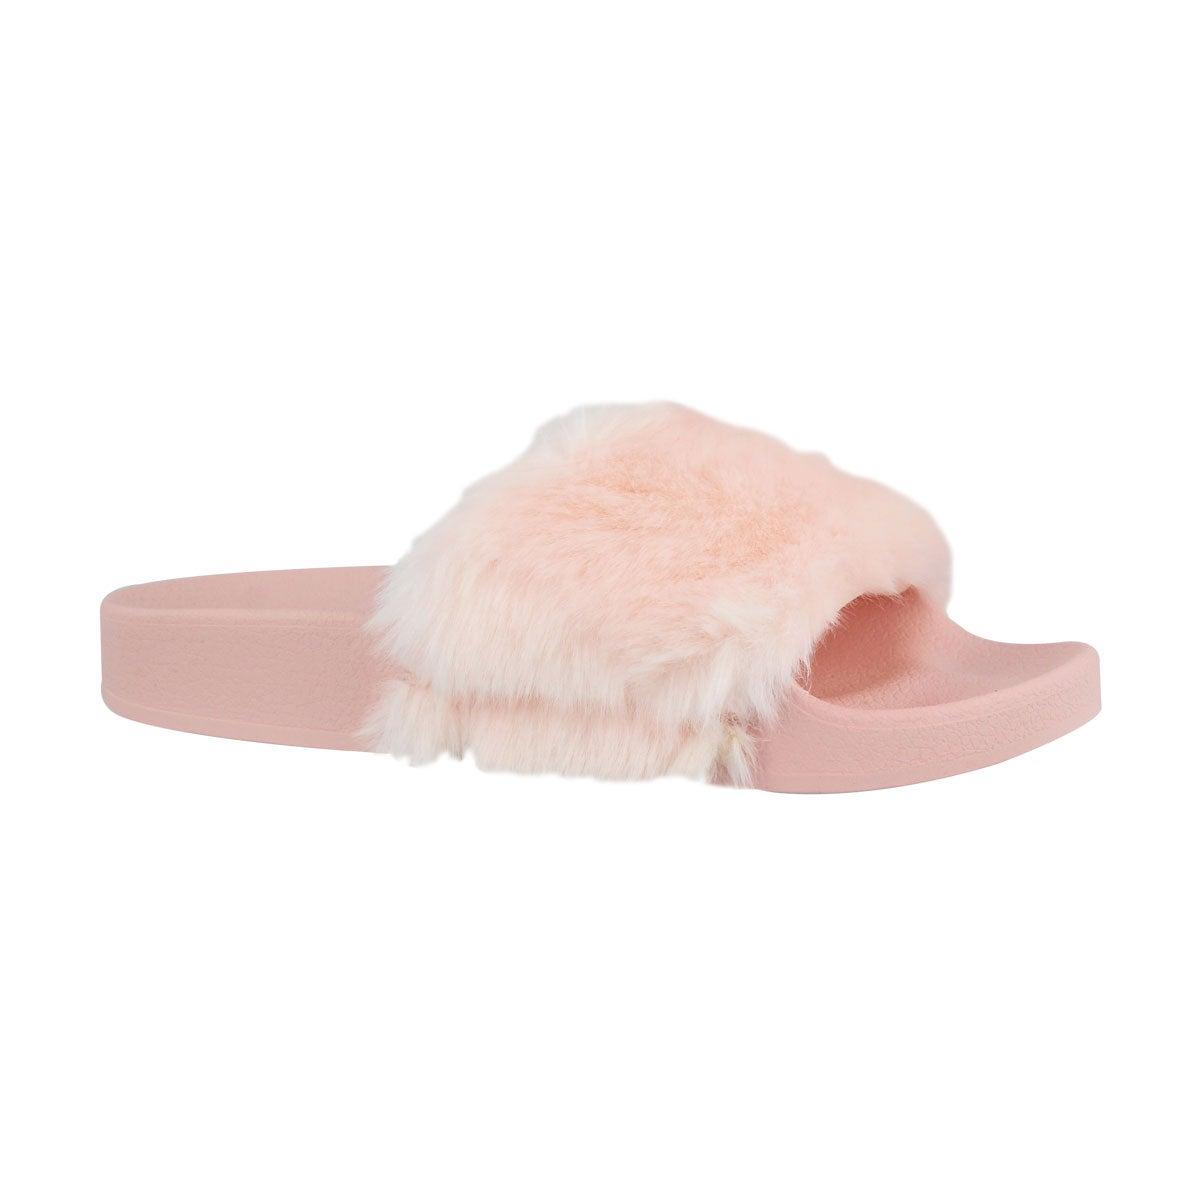 Girls' SOFTEY pink fur slide sandals